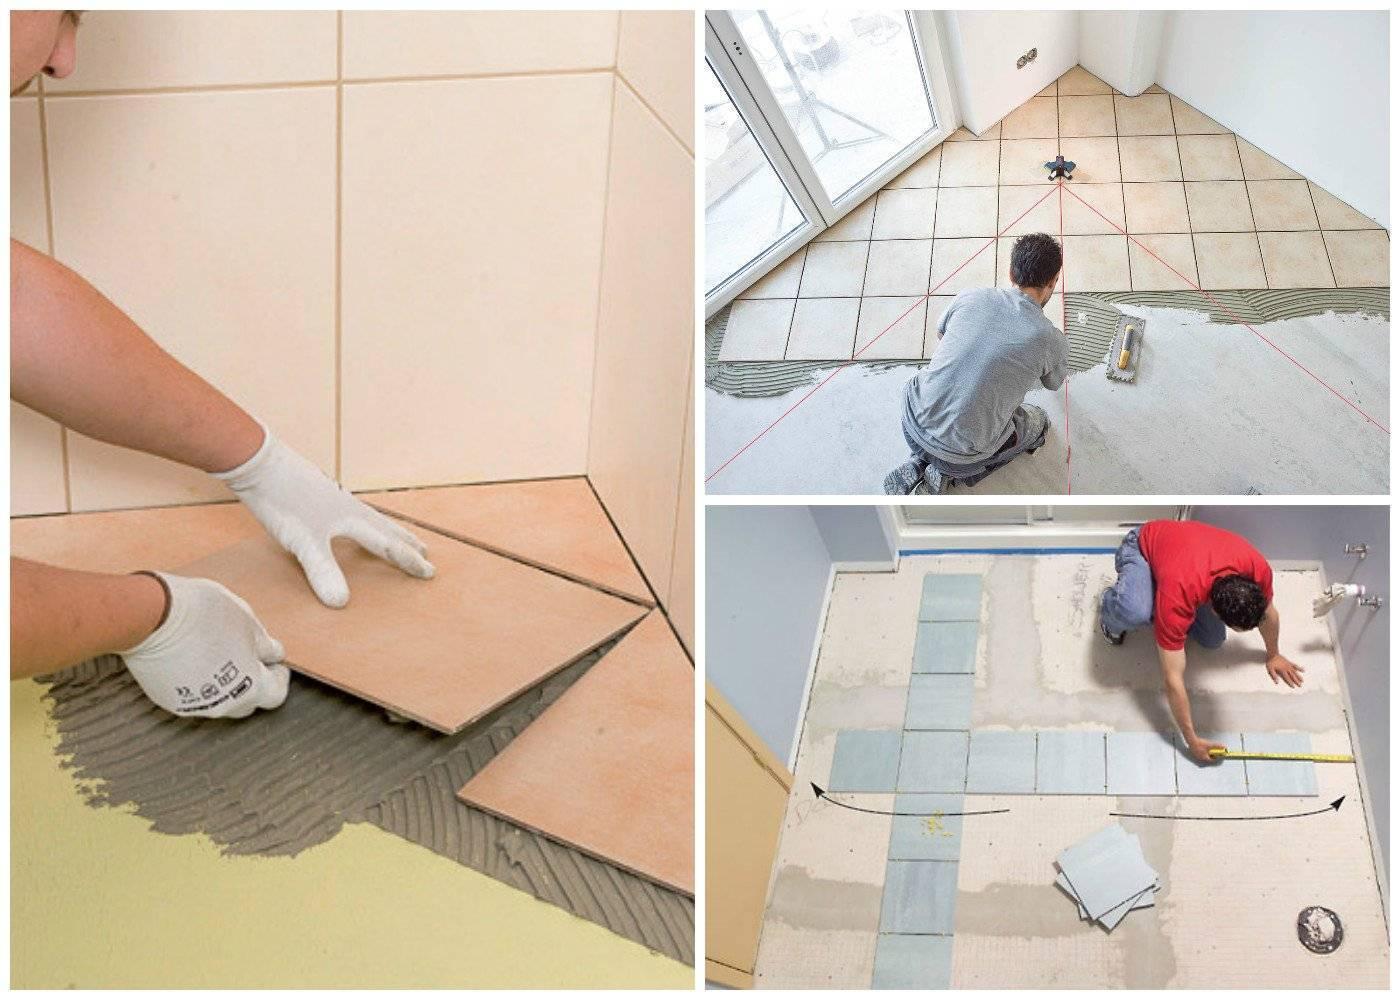 Раскладка плитки (52 фото): план укладки керамической плитки «елочкой», варианты и схемы правильной установки кафеля